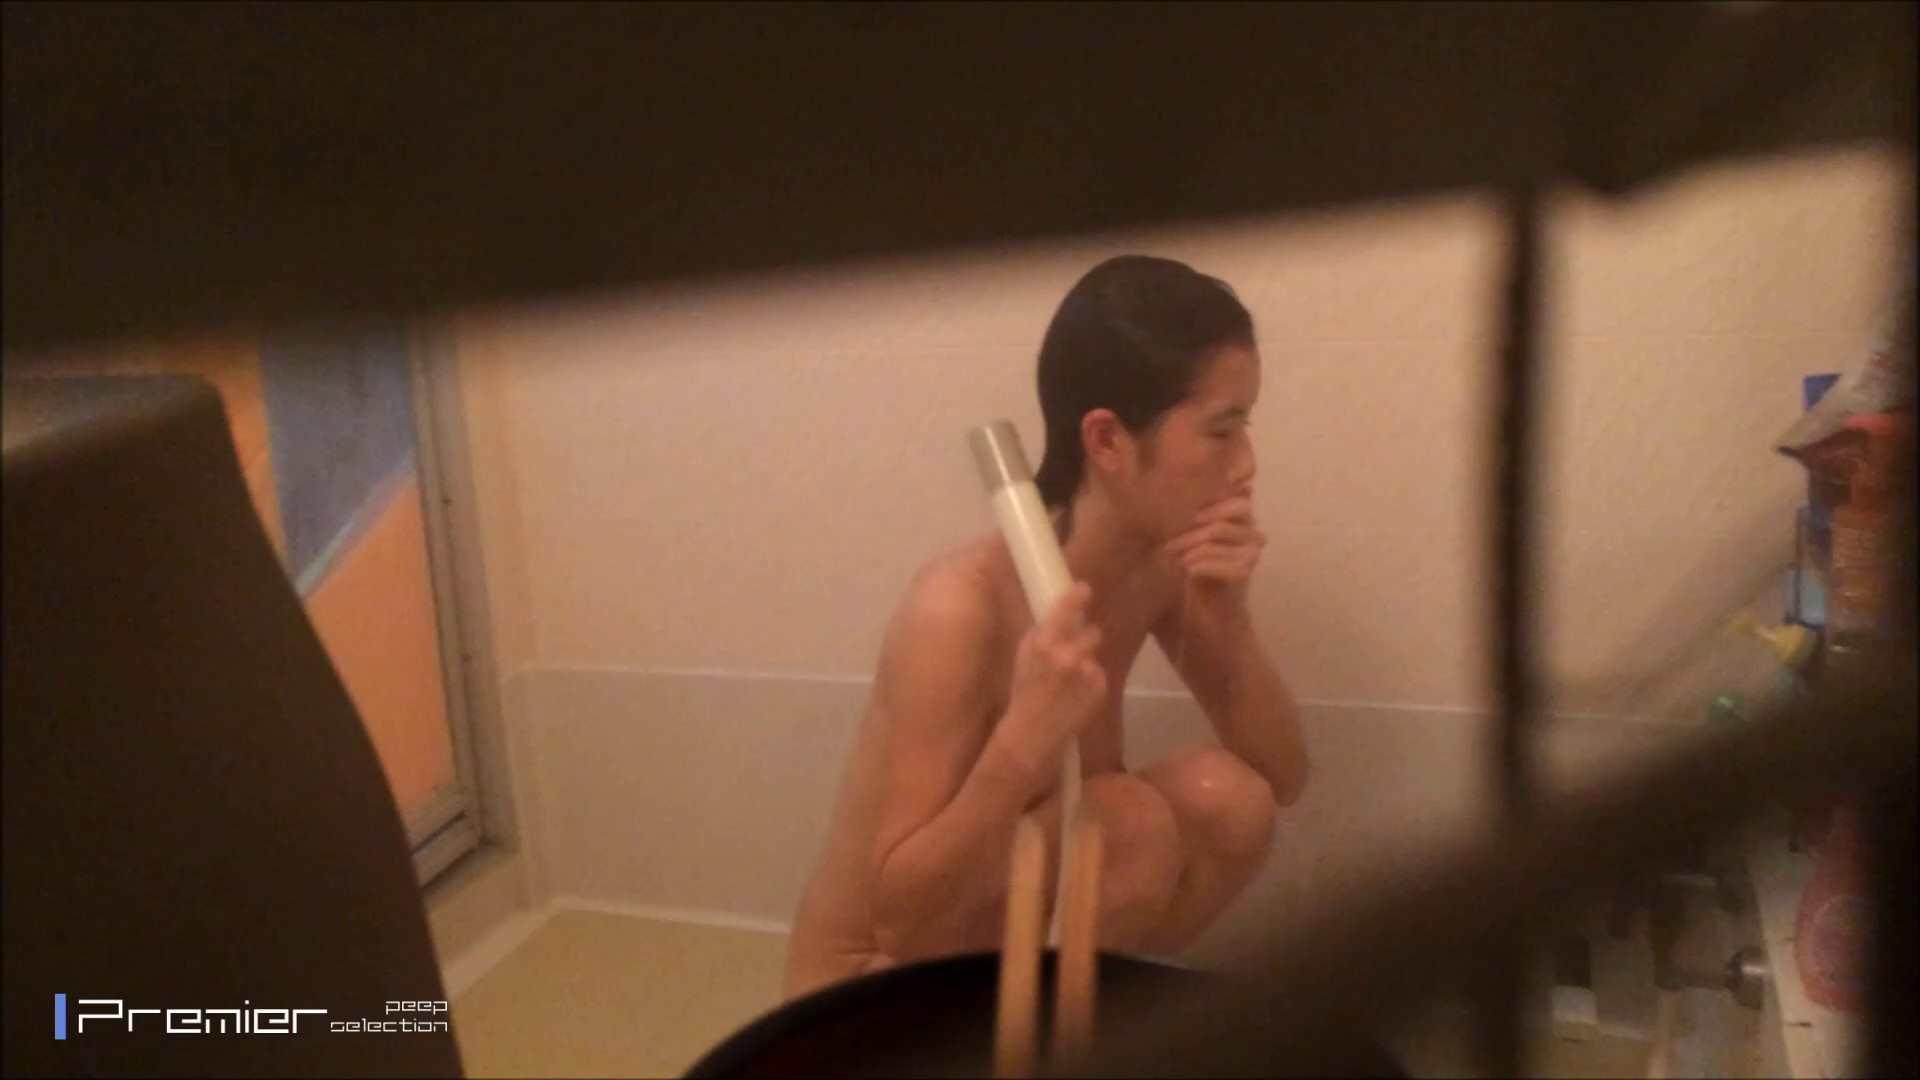 高画質フルハイビジョン スレンダー美女の入浴 乙女の風呂場 Vol.04 OLハメ撮り  94Pix 85